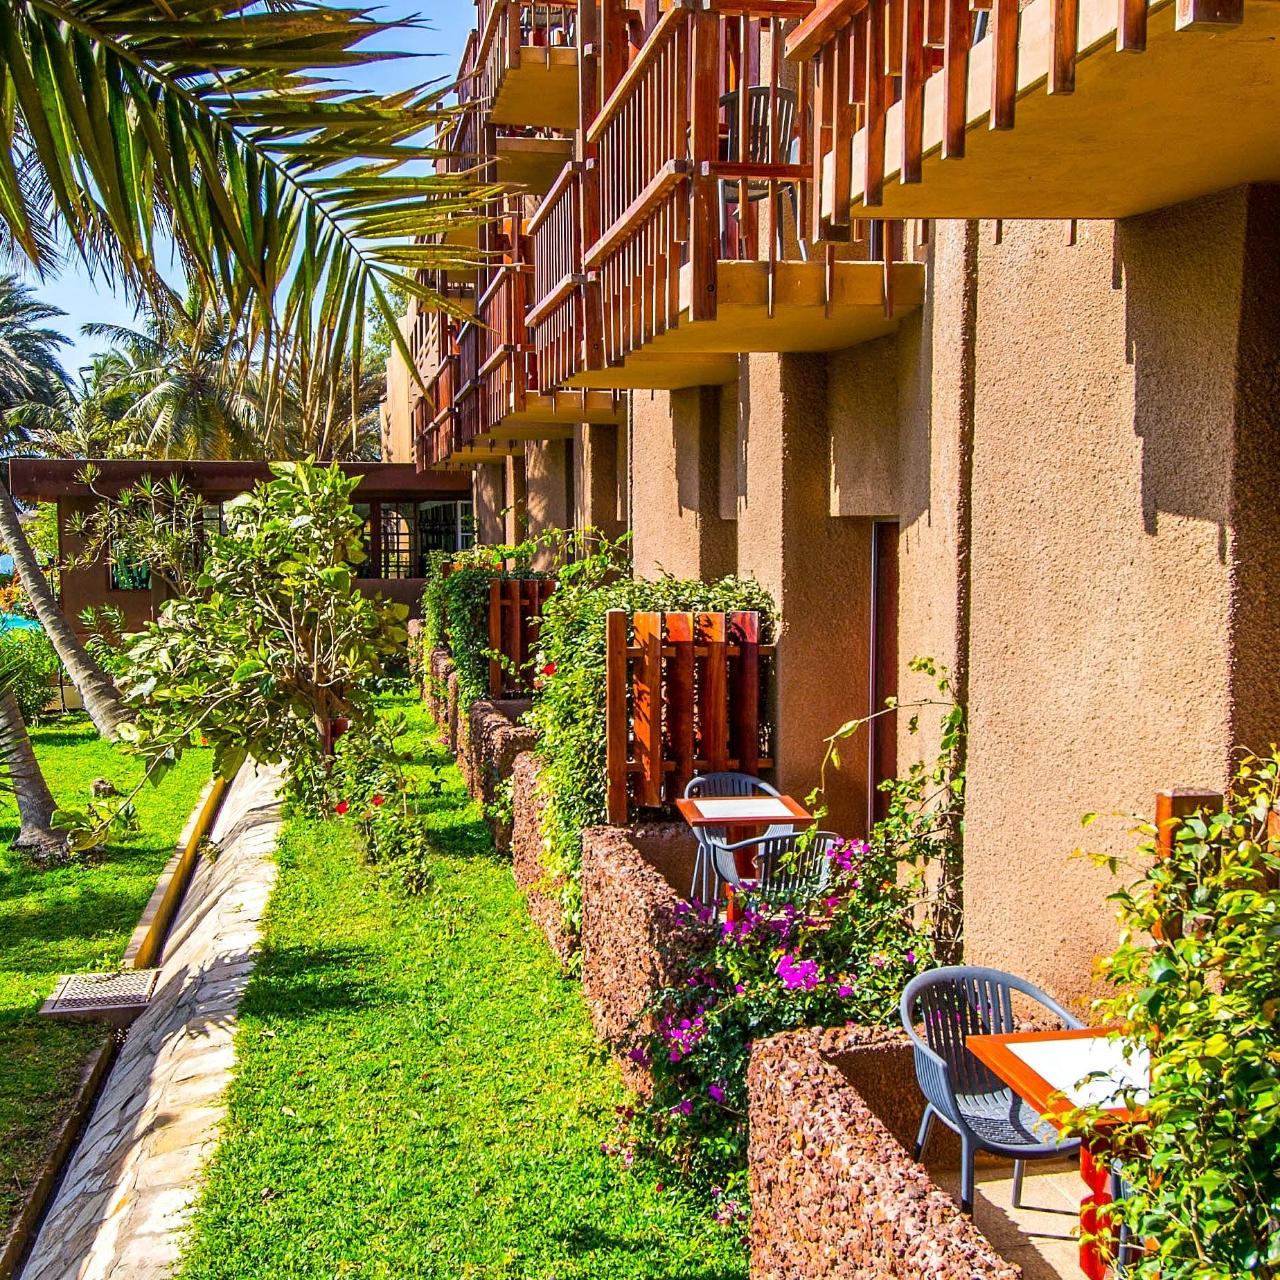 Hotel Jardin Savana Dakar - 4 Hrs Star Hotel In Dakar intérieur Hotel Jardin Savana Dakar